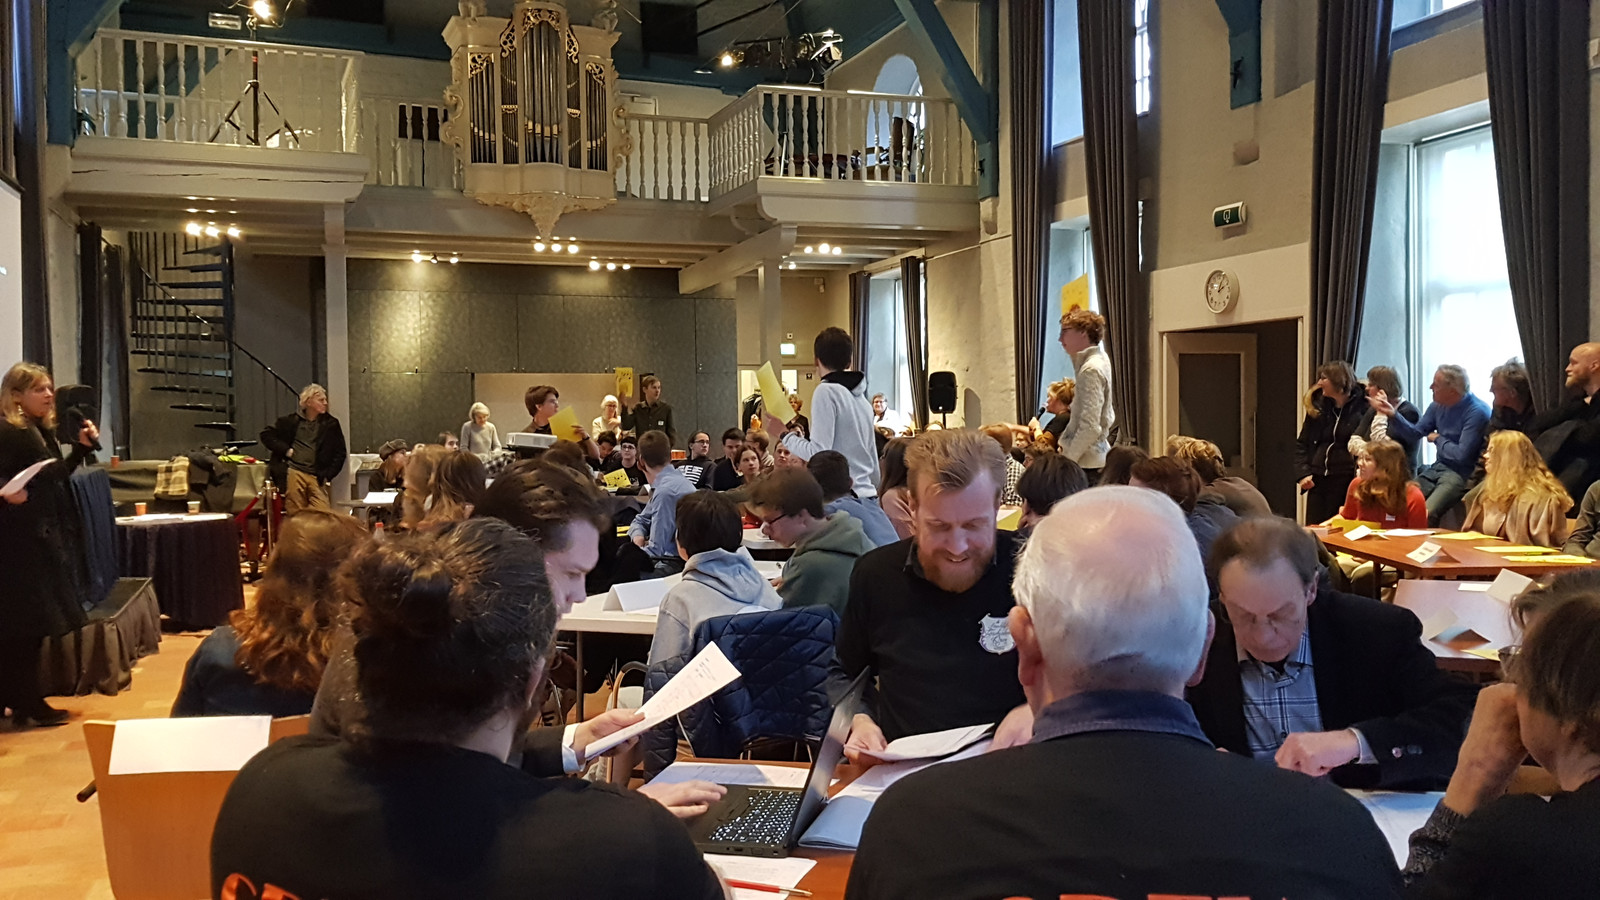 Er deden bijna 60 leerlingen mee met de quiz in de Gasthuiskapel. De jury controleert de antwoorden